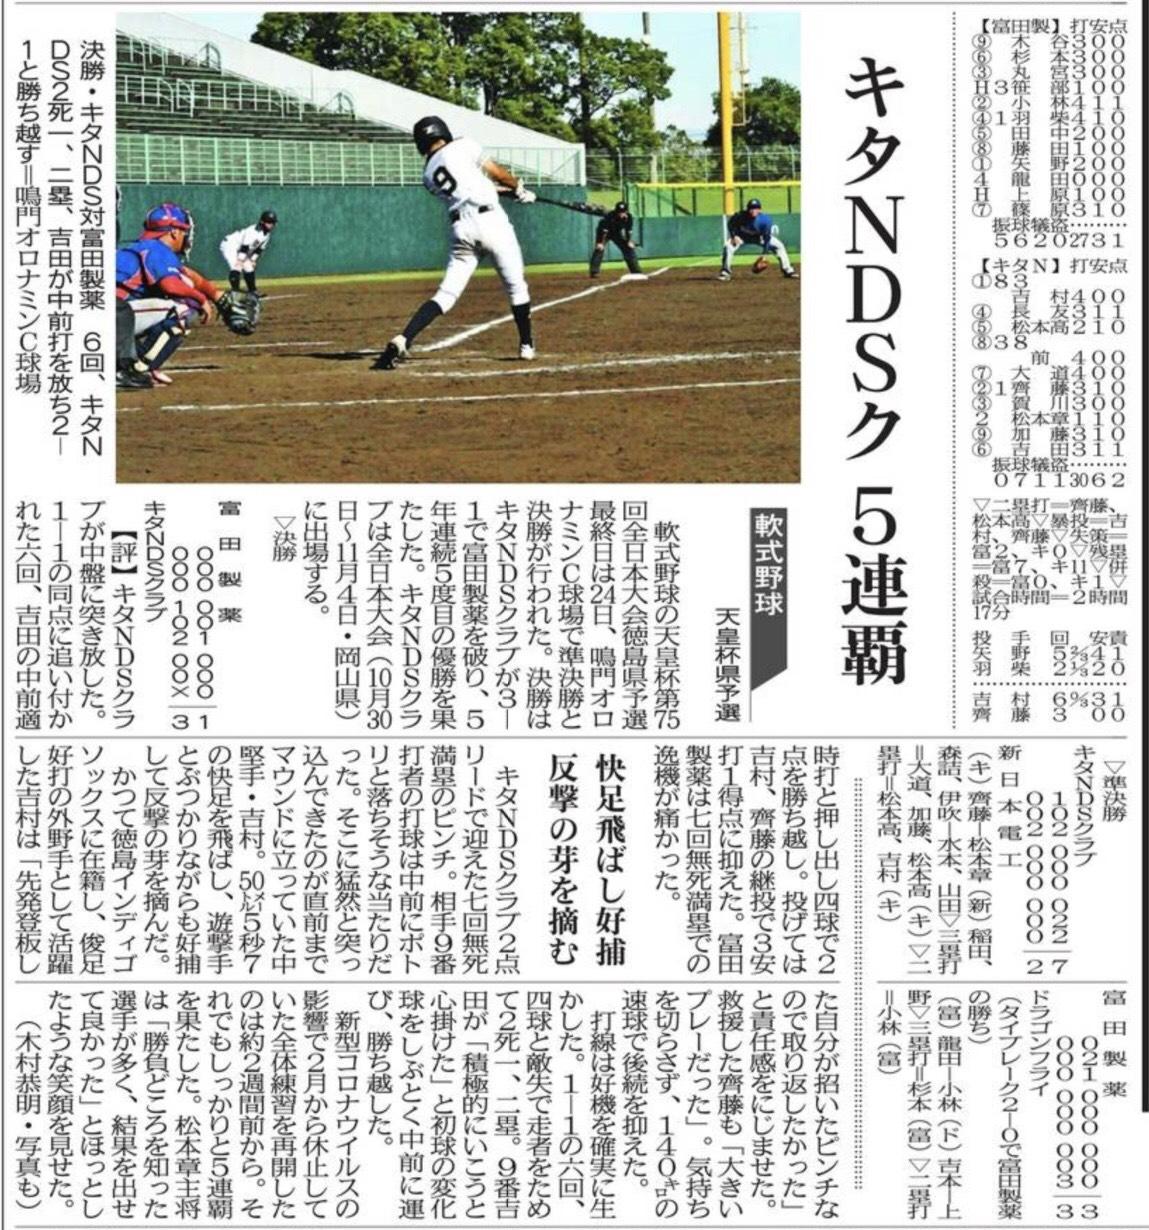 軟式野球 キタNDSクラブ5連覇!!